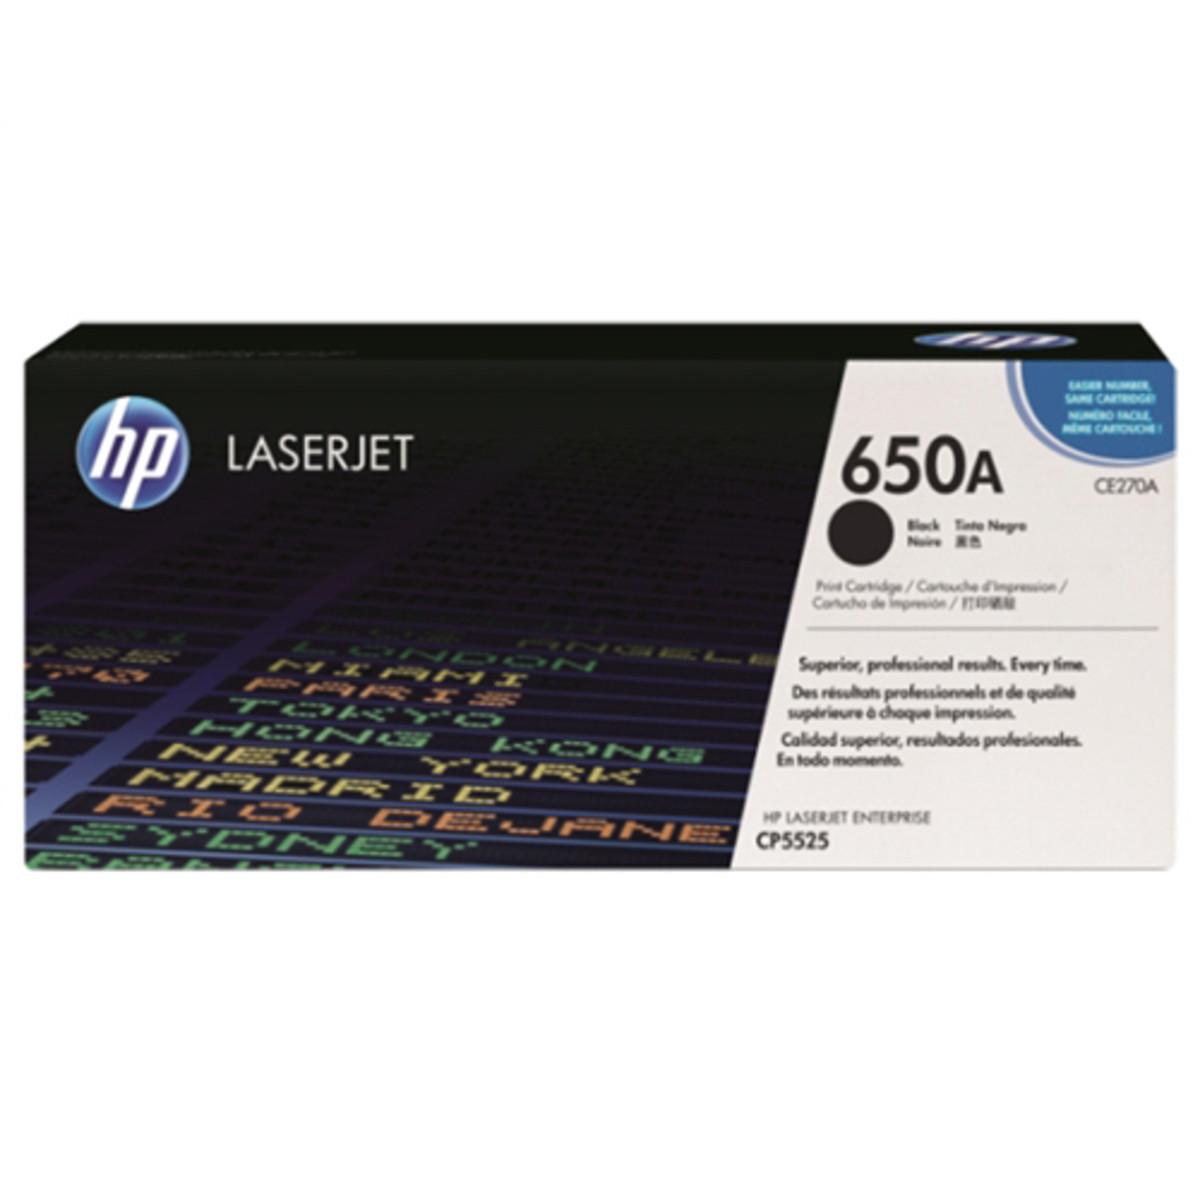 HP 650A (CE270A) Black Toner Cartridge